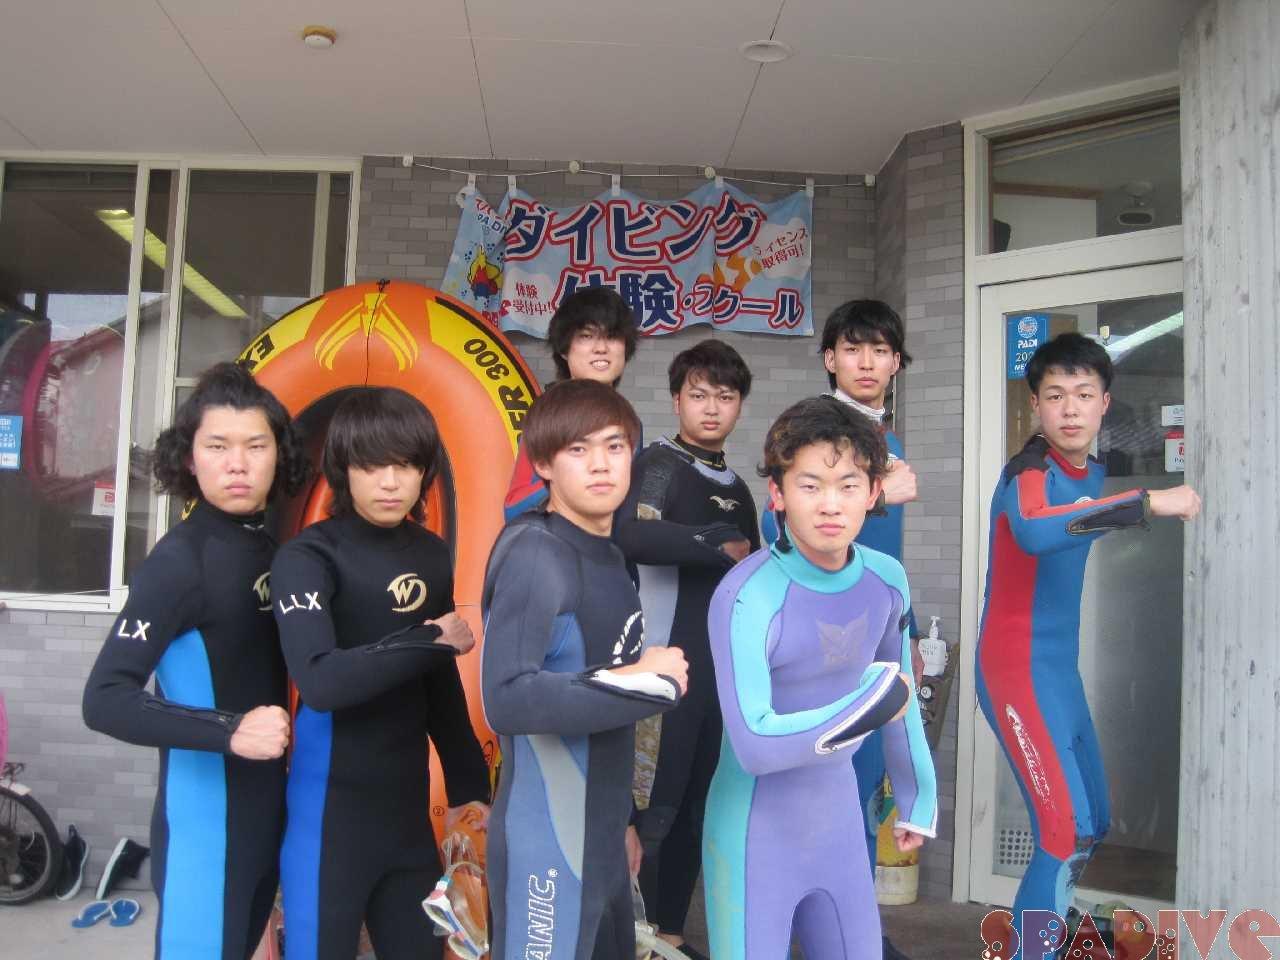 体験ダイビング|SHIRAHAMA2021花火ラリー|8/22/2021南紀白浜